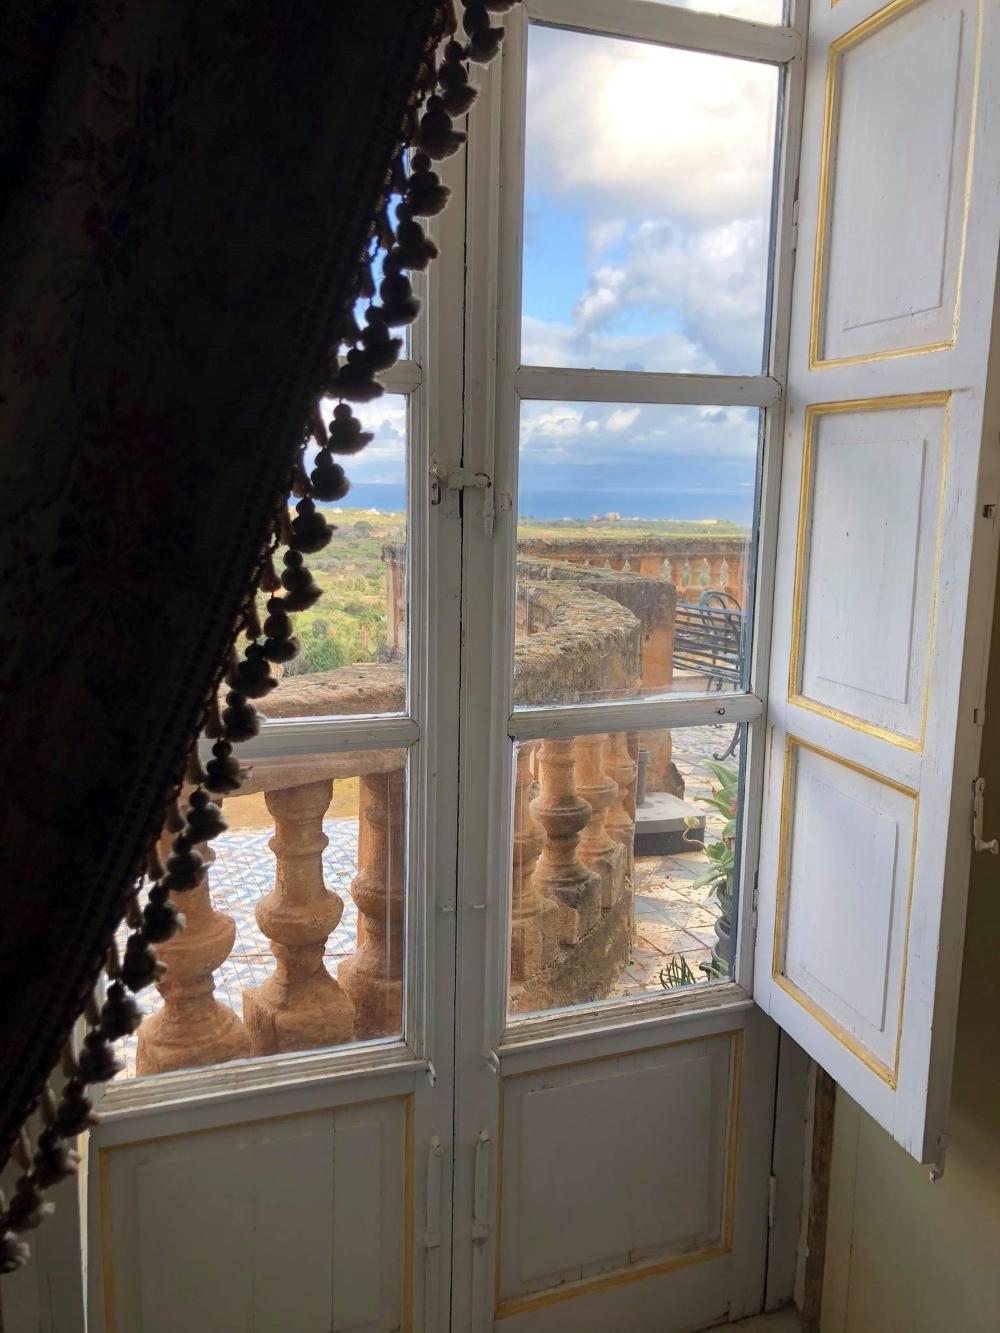 rocaille-blog-villa-valguarnera-bagheria-sicilia-salone-ercole-5